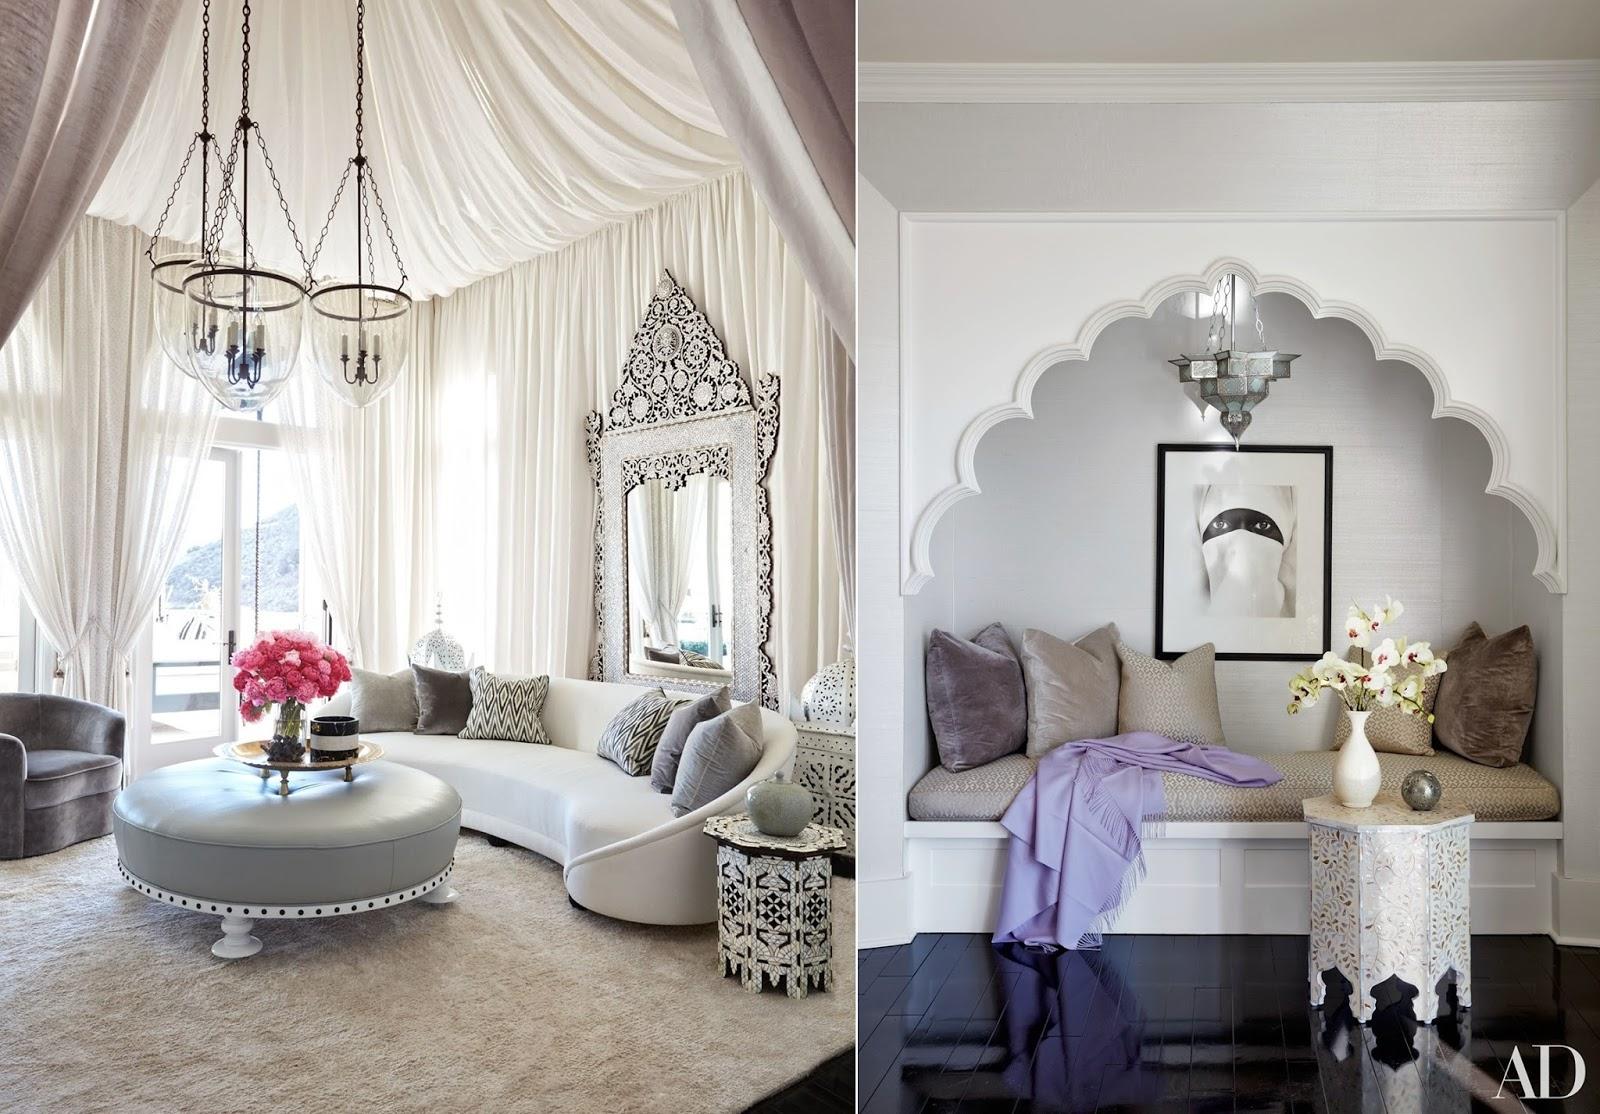 Uma Linda Promessa: Fotos da mansão de Khloe Kardashian